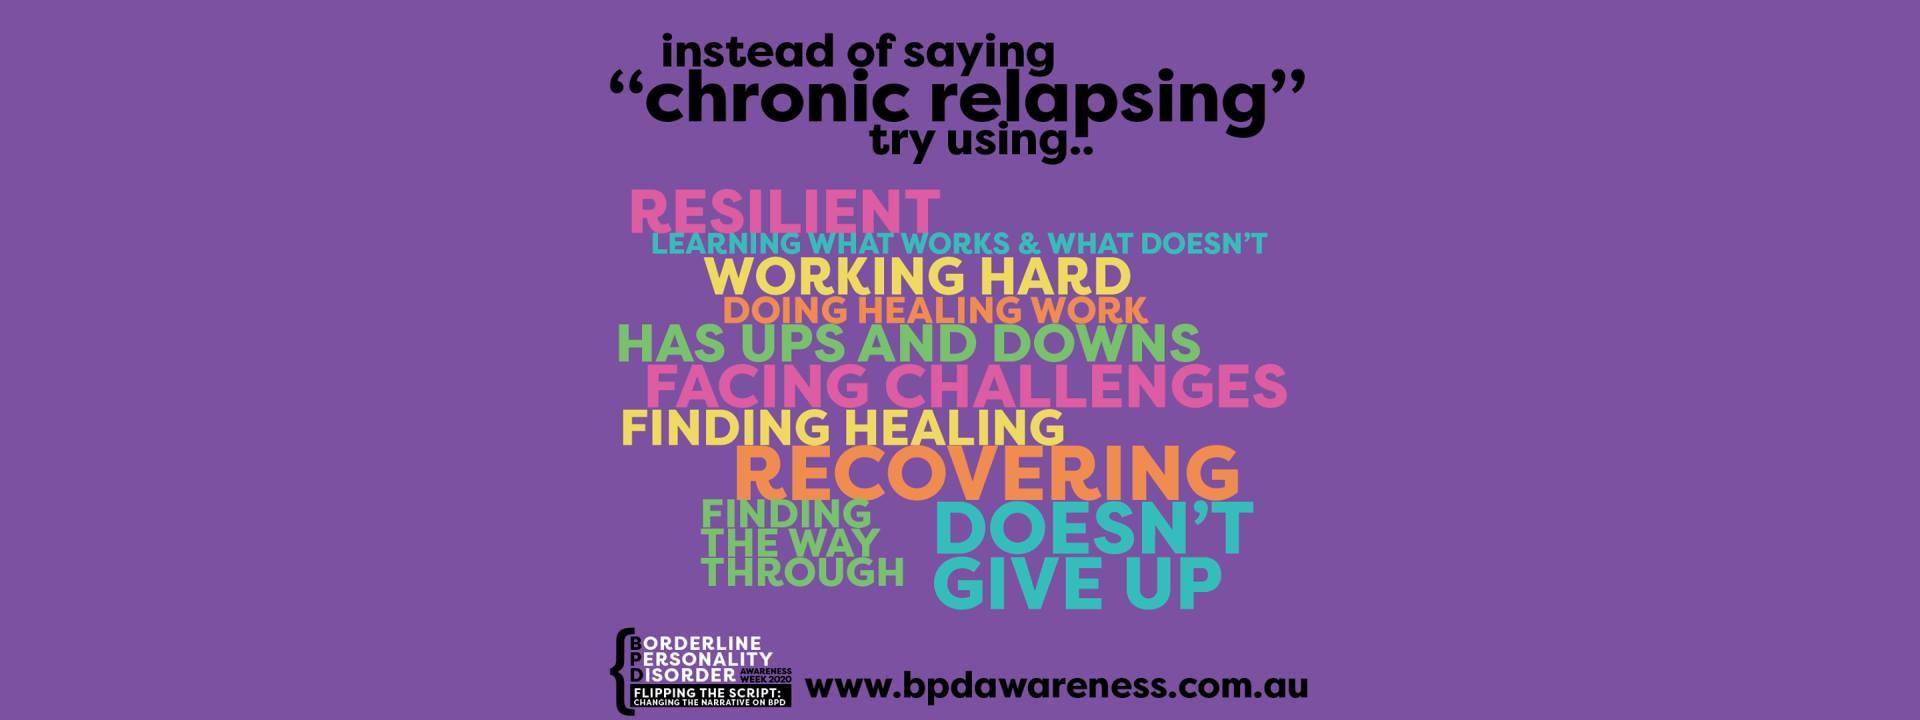 BPD Awareness Week - Not Chronic Relapsing